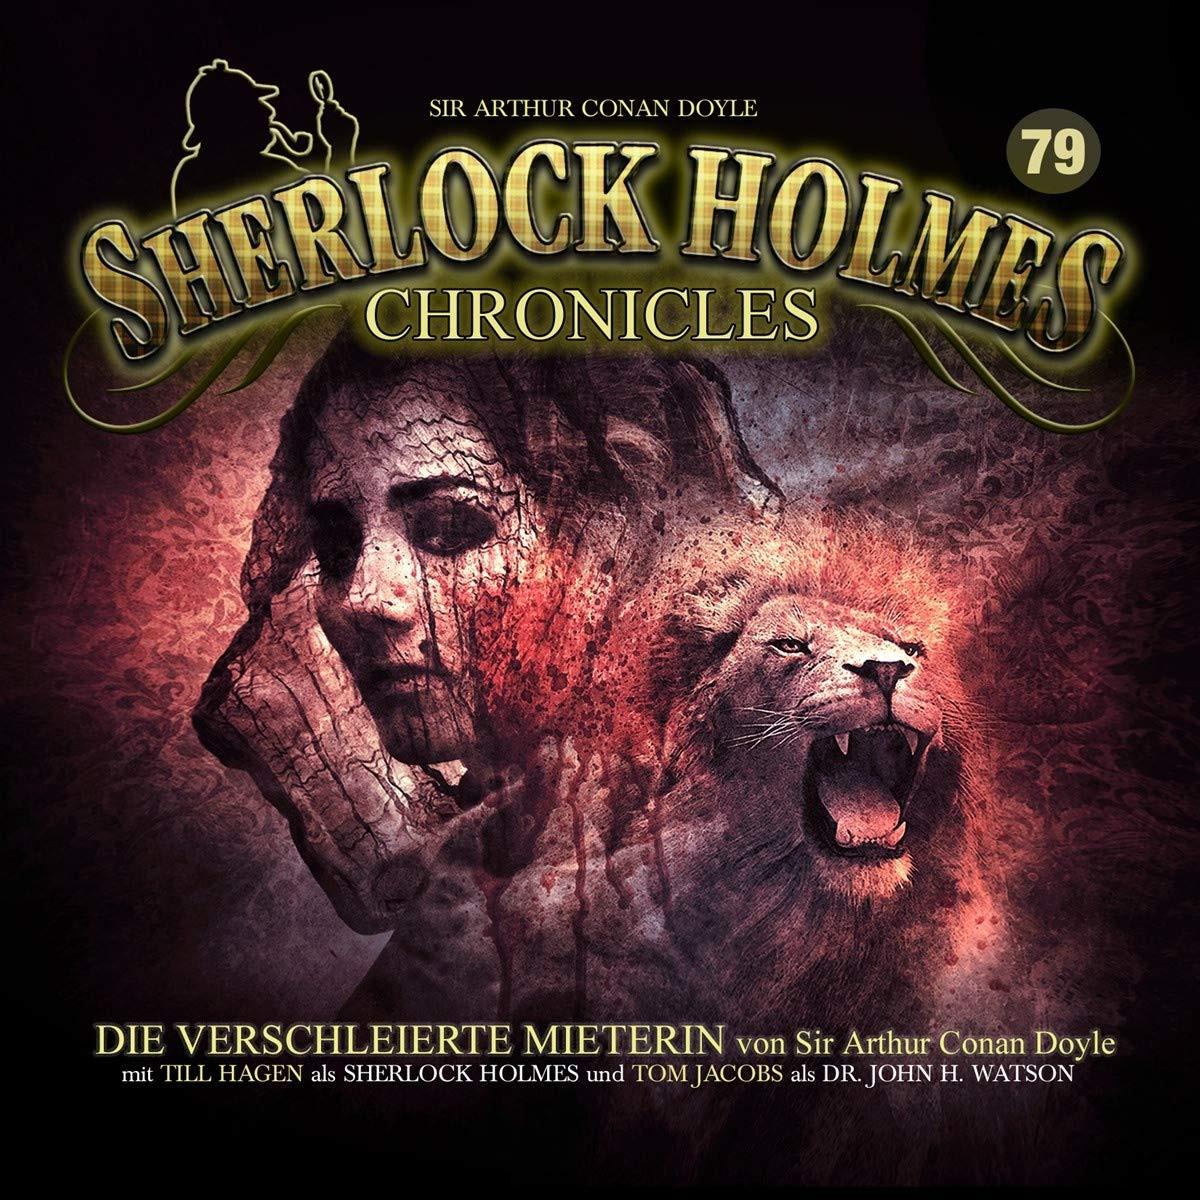 Sherlock Holmes Chronicles 79 Die verschleierte Mieterin